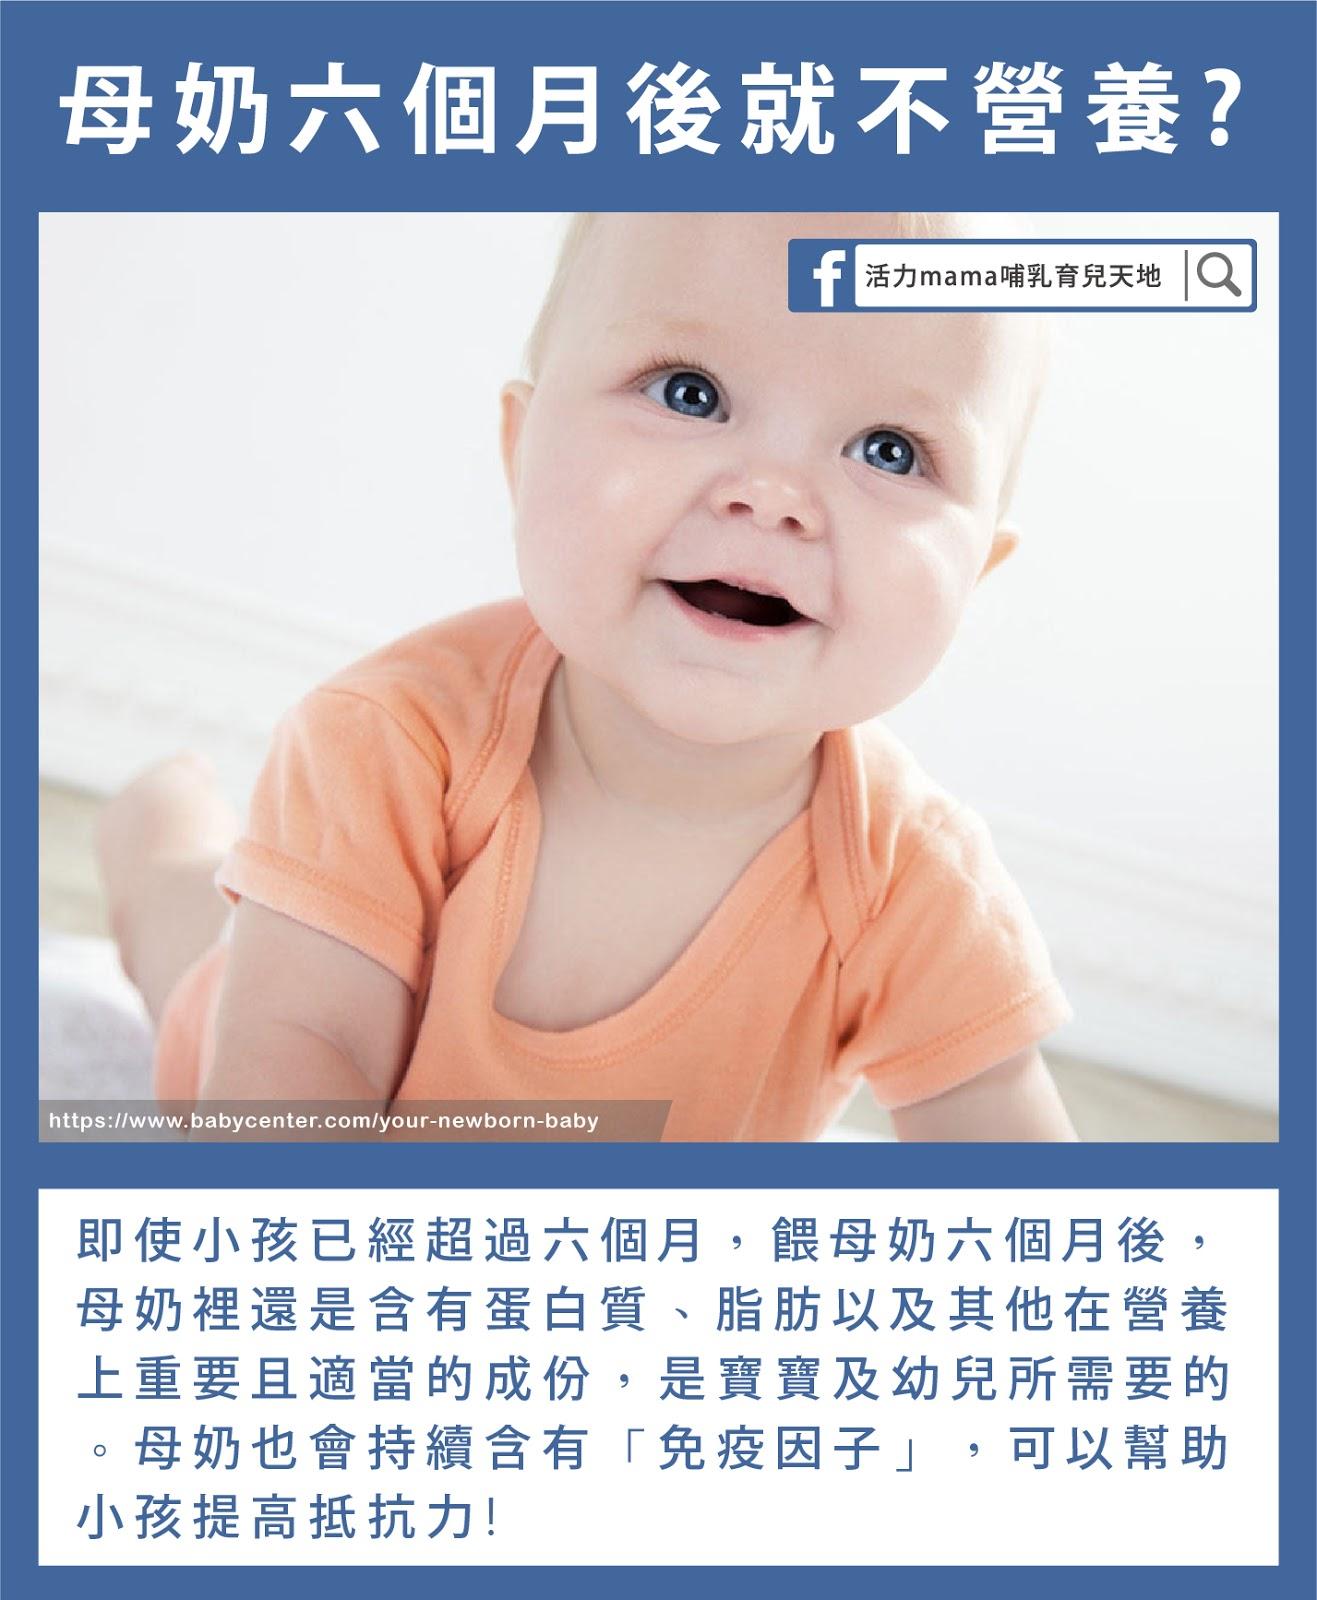 哺乳媽媽疑問:母乳在六個月之後真的沒有營養了嗎?